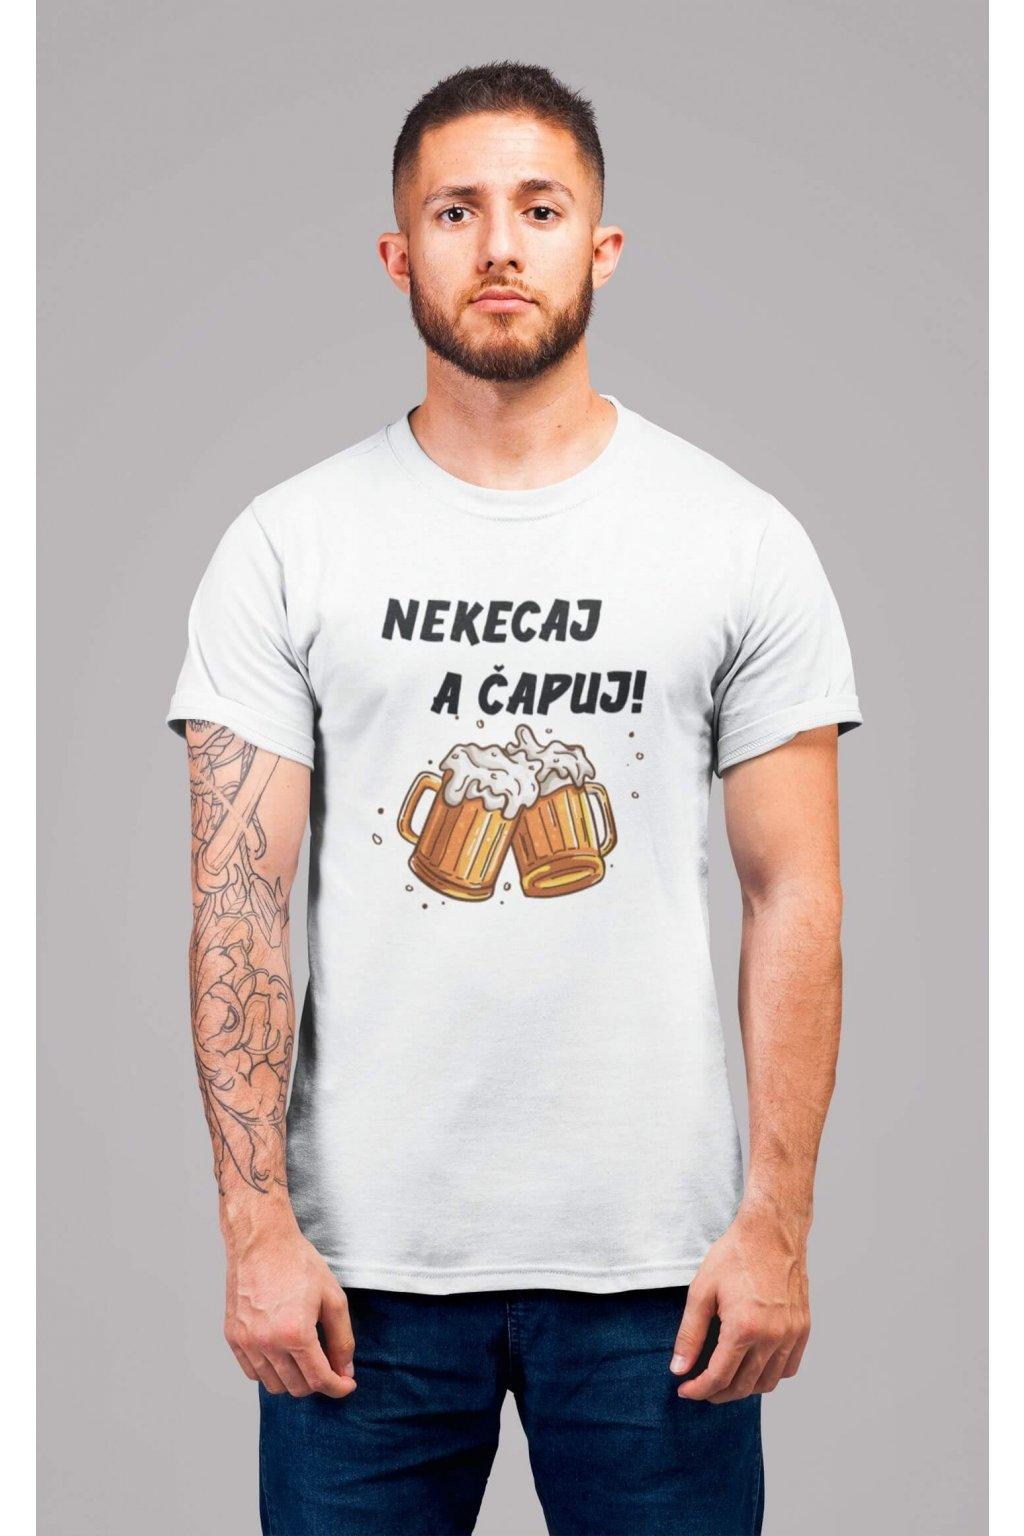 Pánske tričko Nekecaj a čapuj